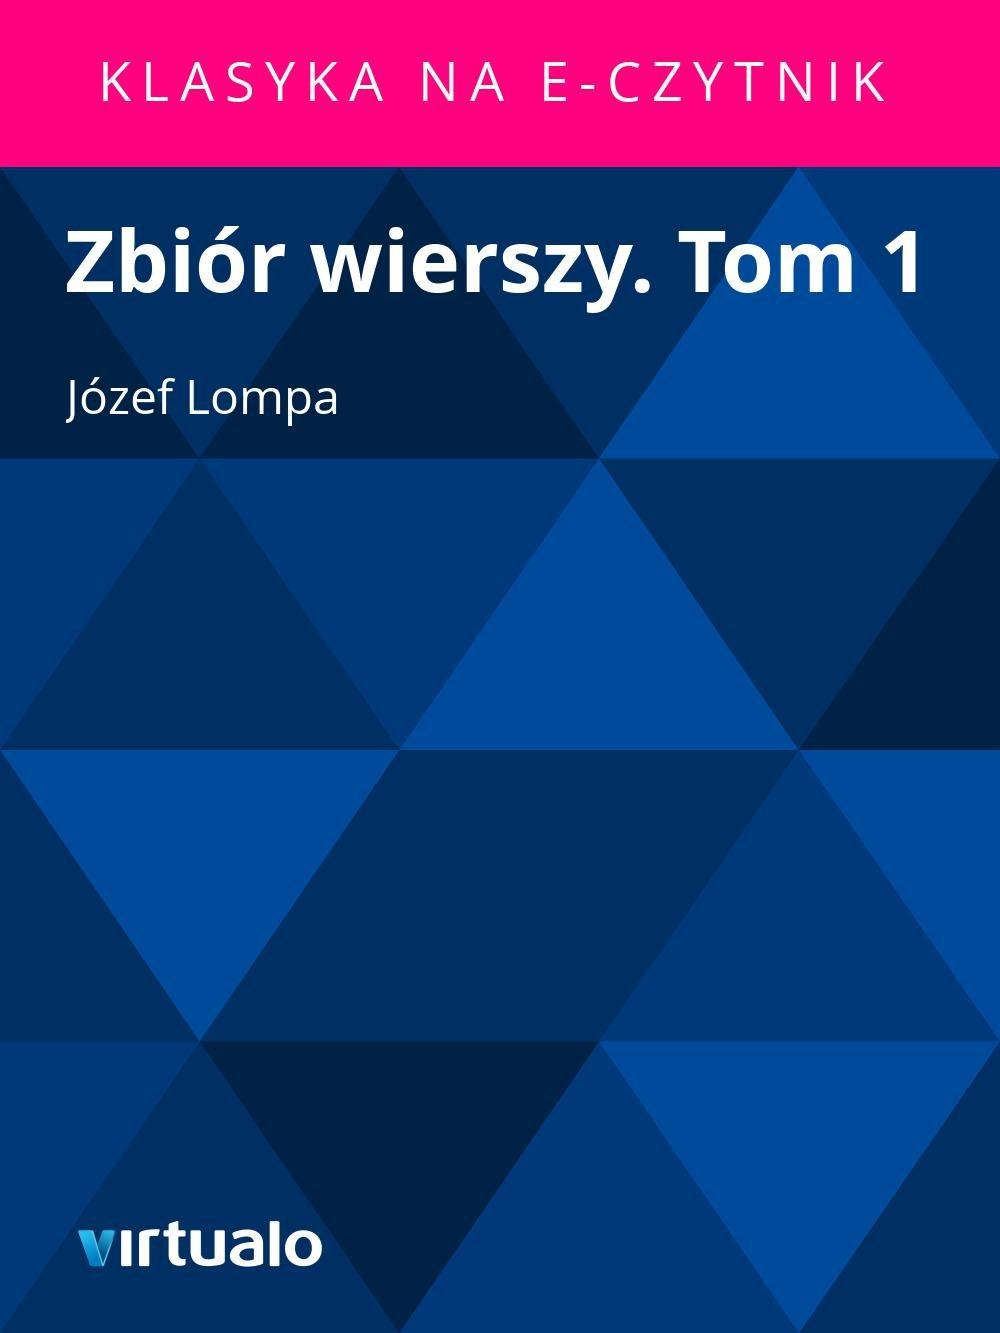 Zbiór wierszy. Tom 1 - Ebook (Książka EPUB) do pobrania w formacie EPUB